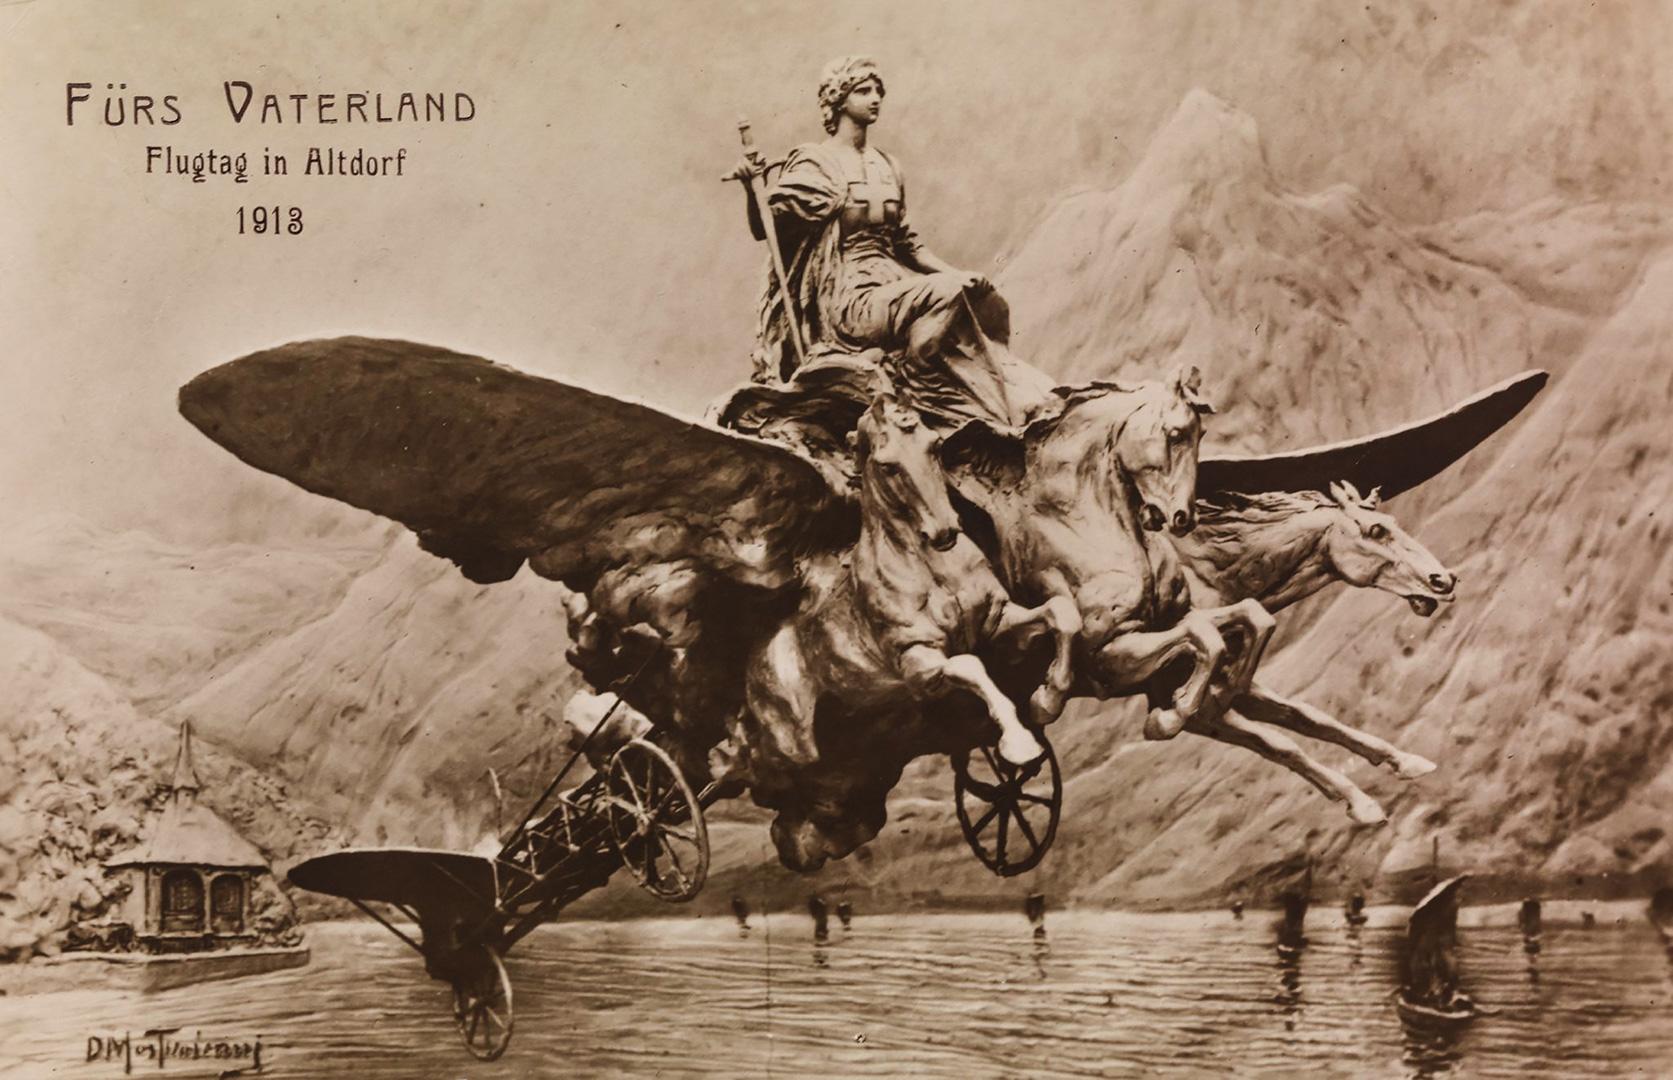 «Fürs Vaterland. Flugtag in Altdorf 1913». Helvetia wirbt für die Schweizer Luftwaffe.